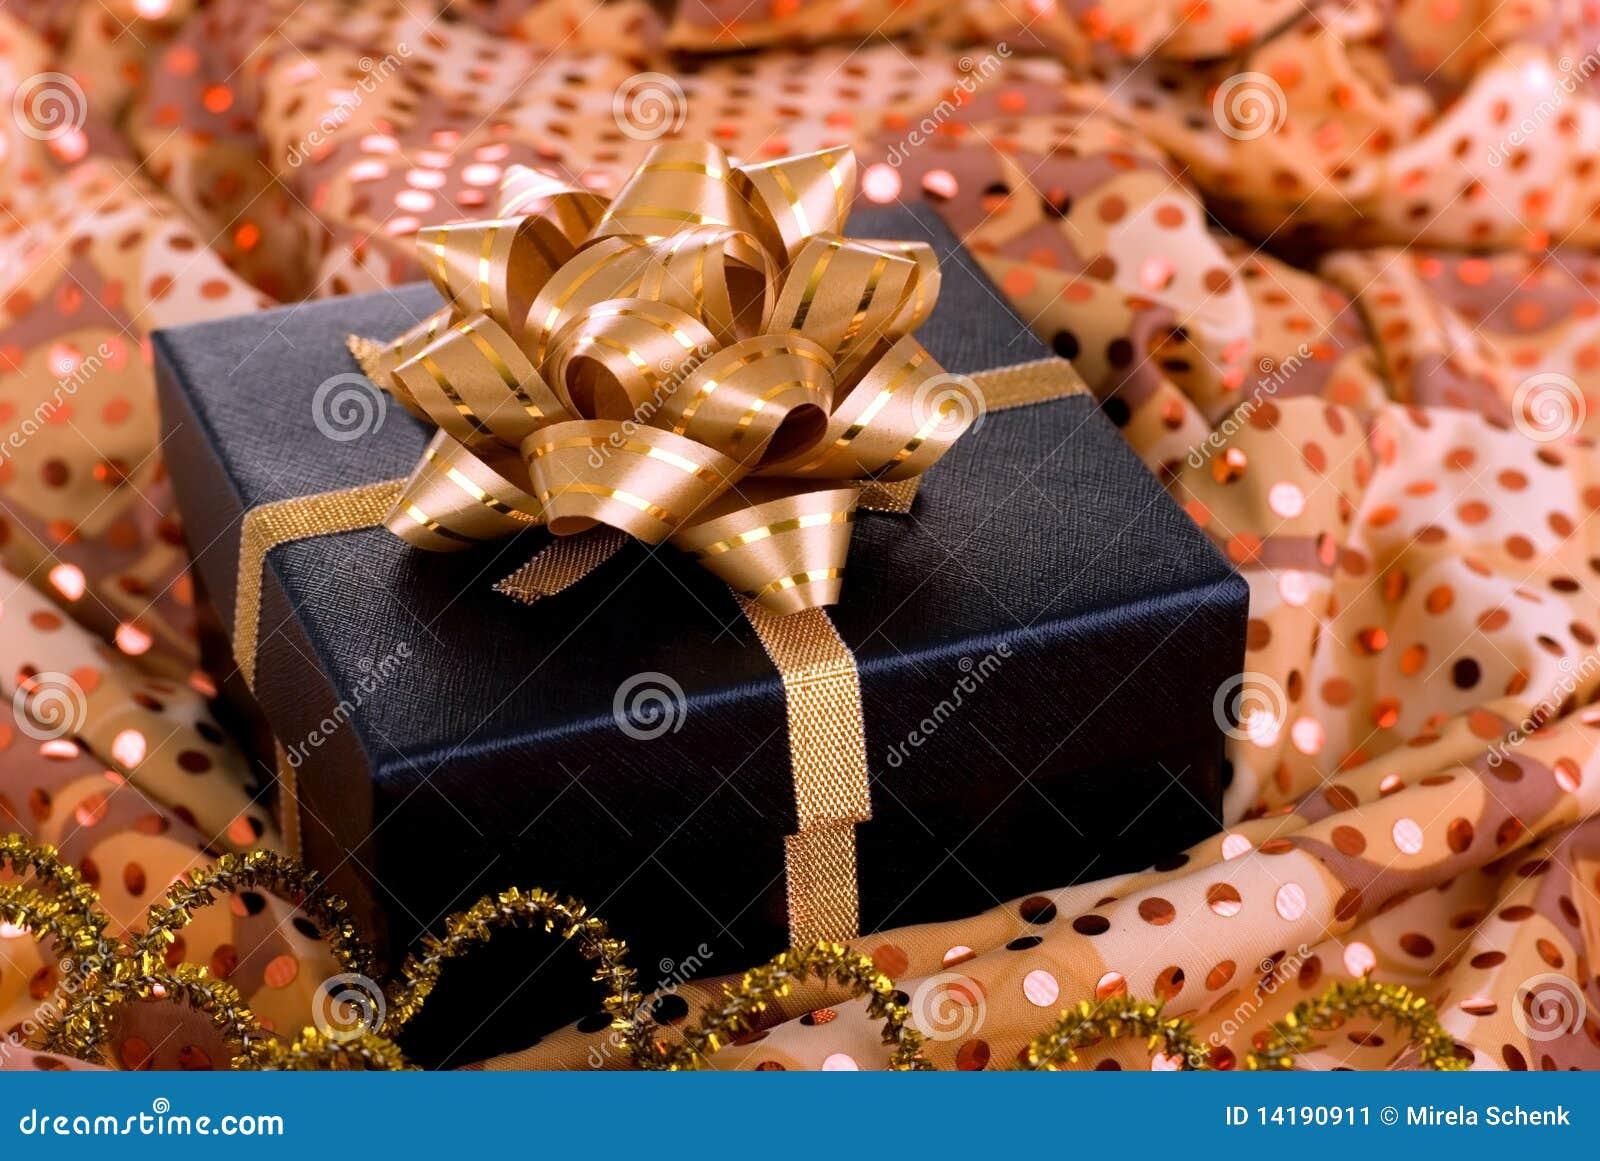 Schwarzer Geschenkkasten mit Goldfarbband.